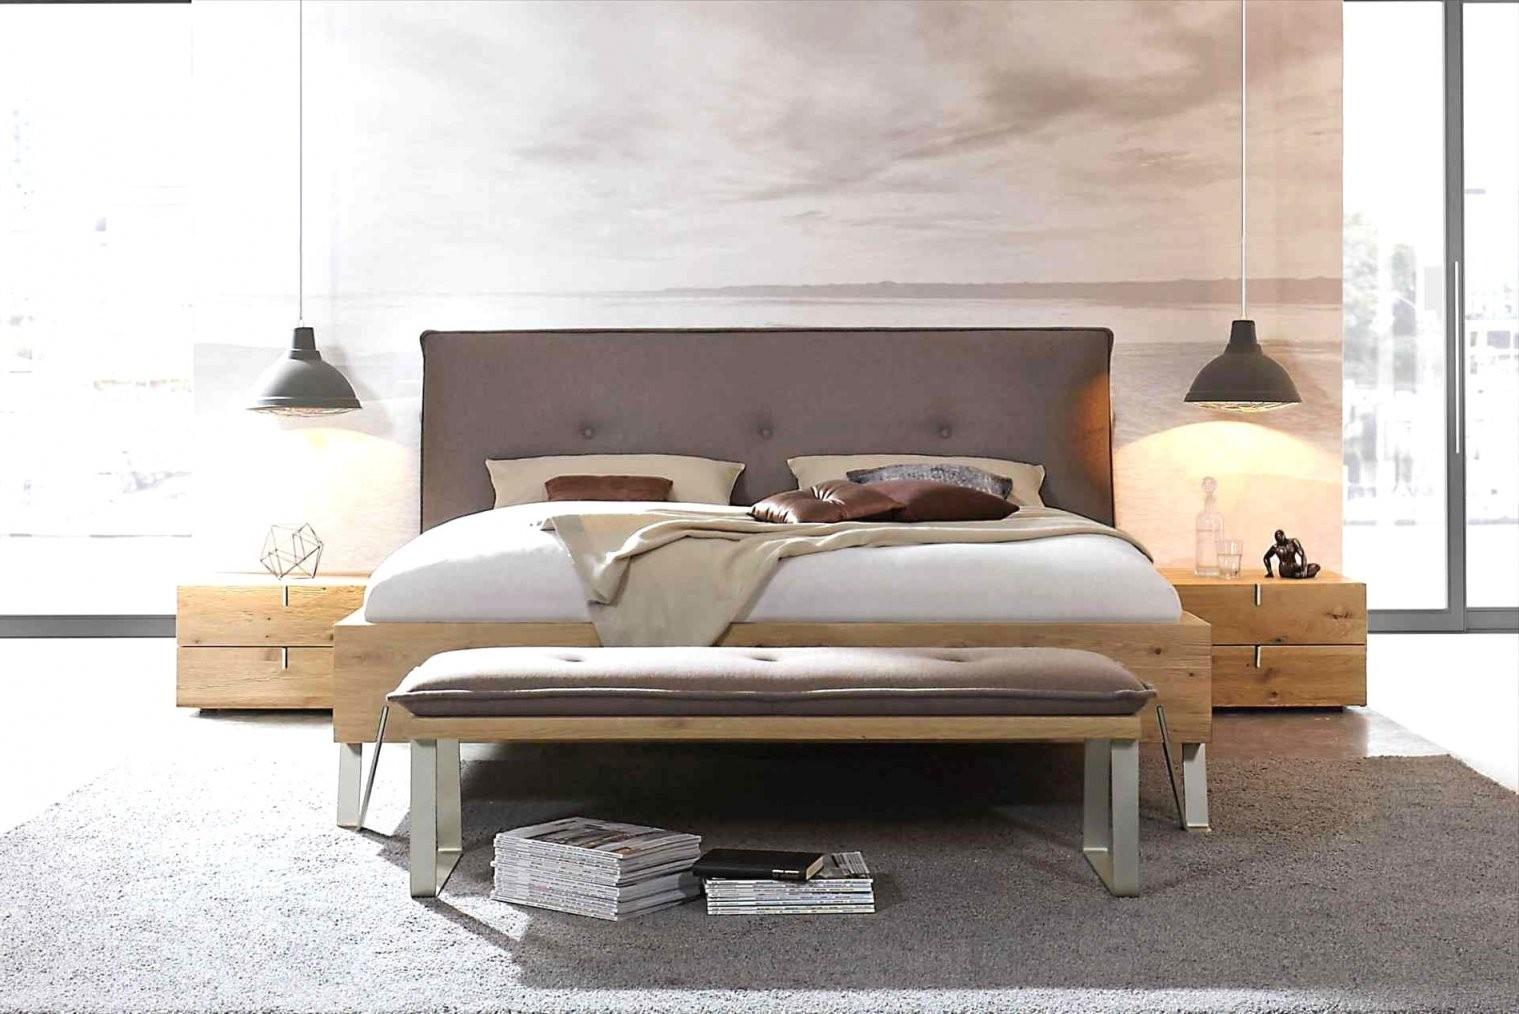 Innovativ Sitzbank Vorm Bett Bank Beste Von Hocker Vor Best von Bank Vor Dem Bett Bild